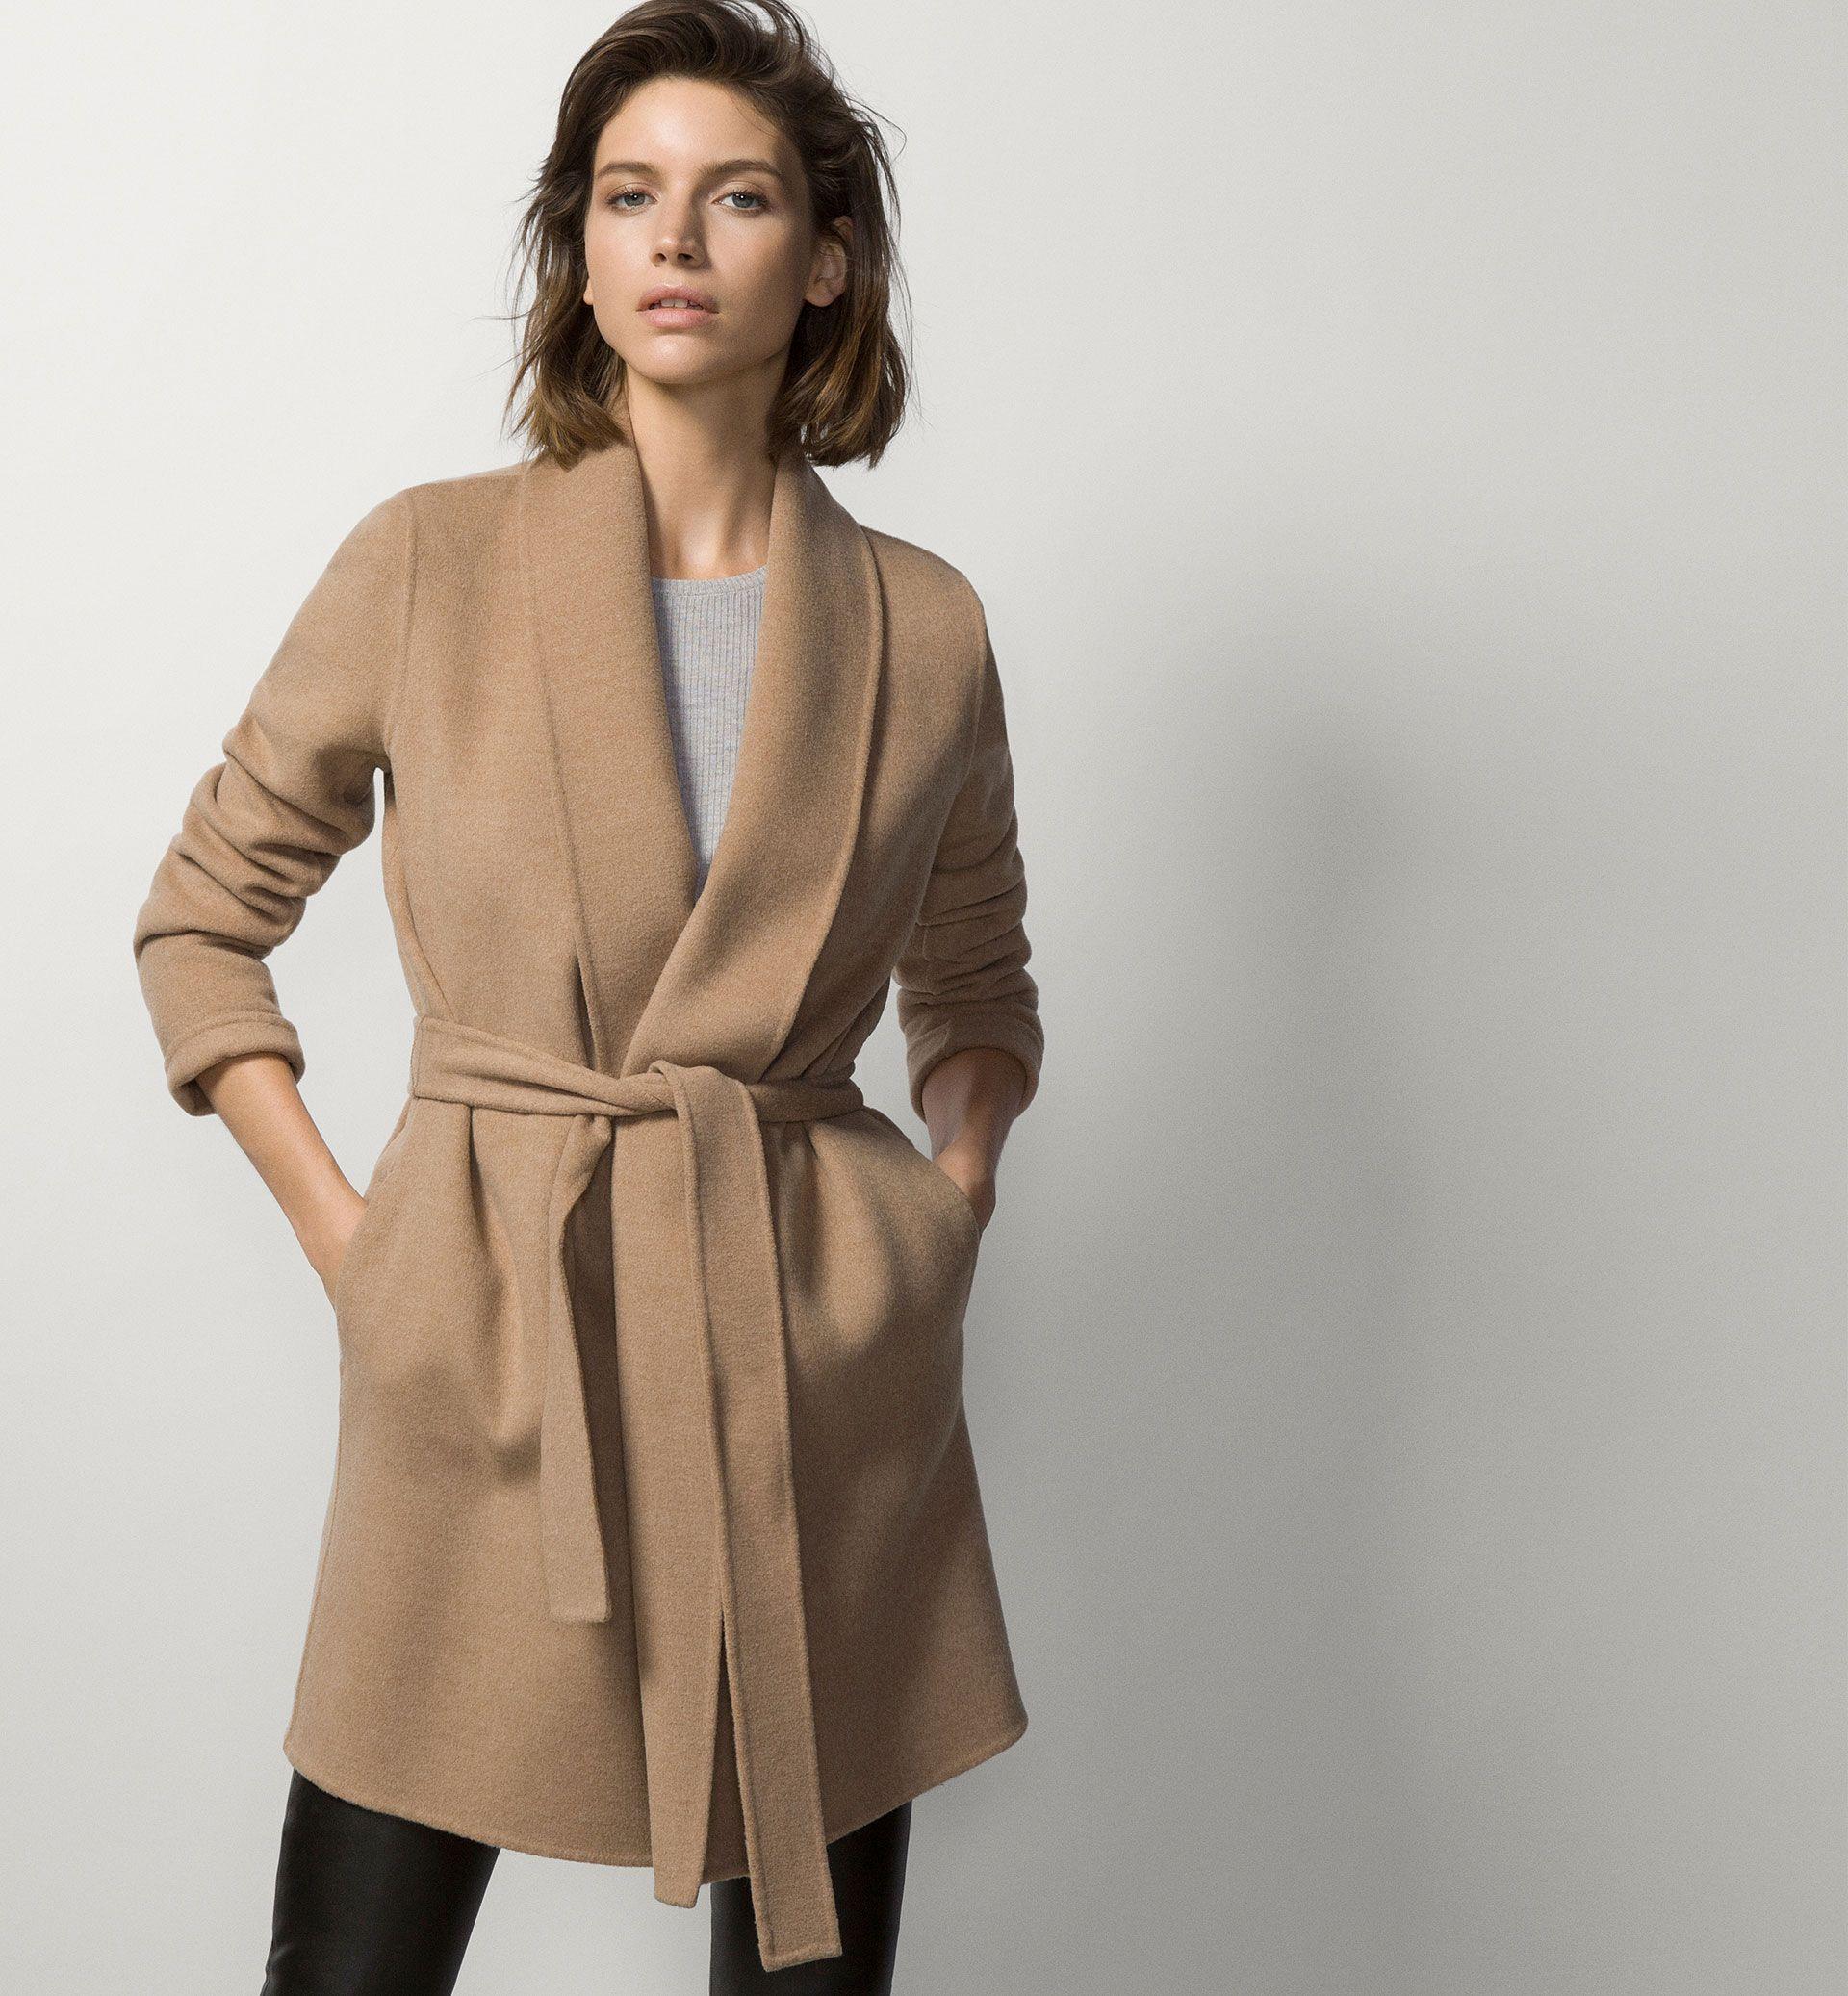 COAT WITH BELT - Coats - WOMEN - United States - Massimo Dutti